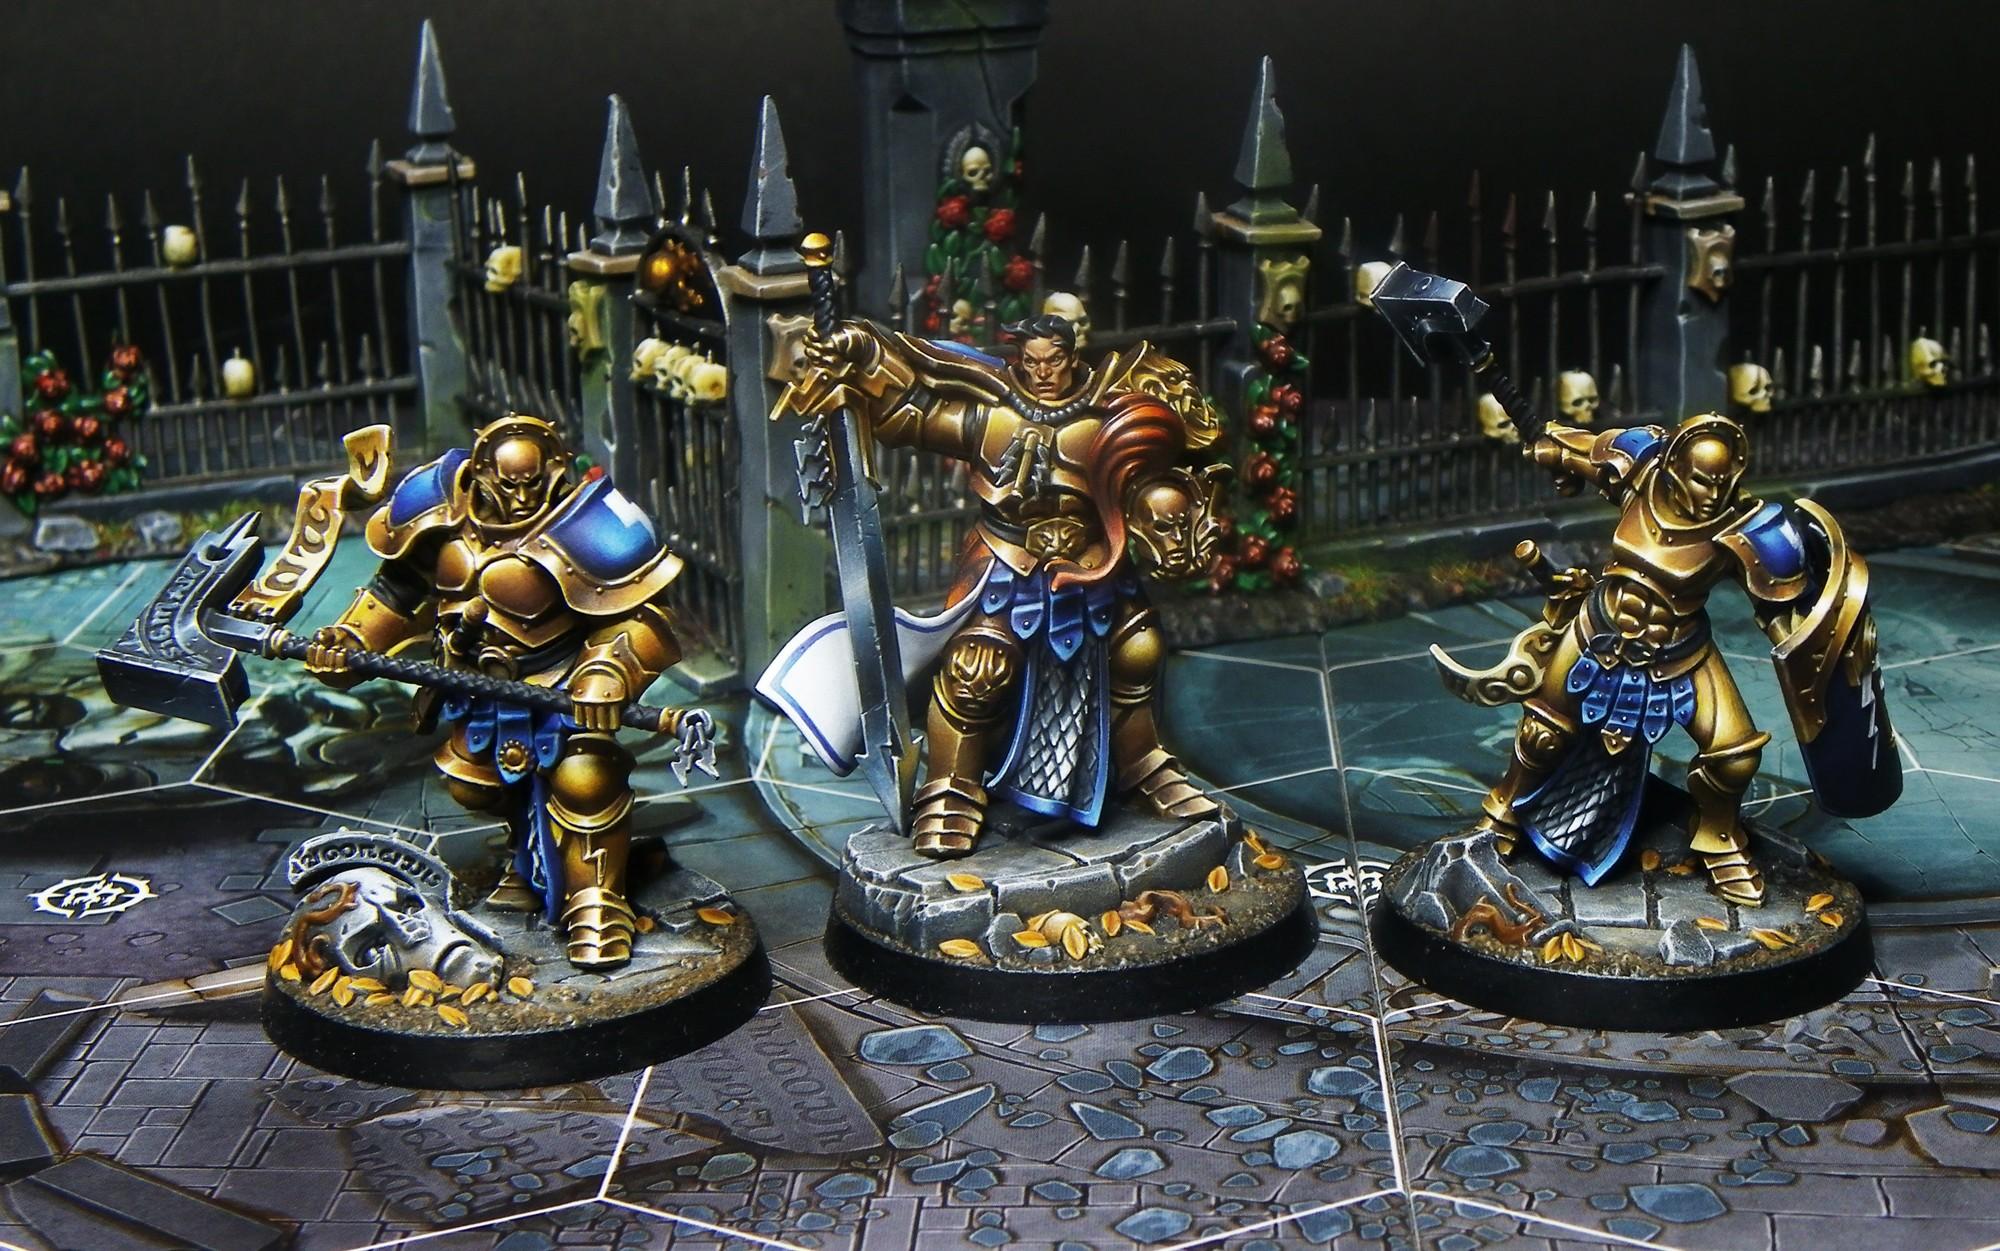 Underworlds Shadespire Stormcast eternals. Severin Steelheart, Obryn the bold, Angharad Brighthammer